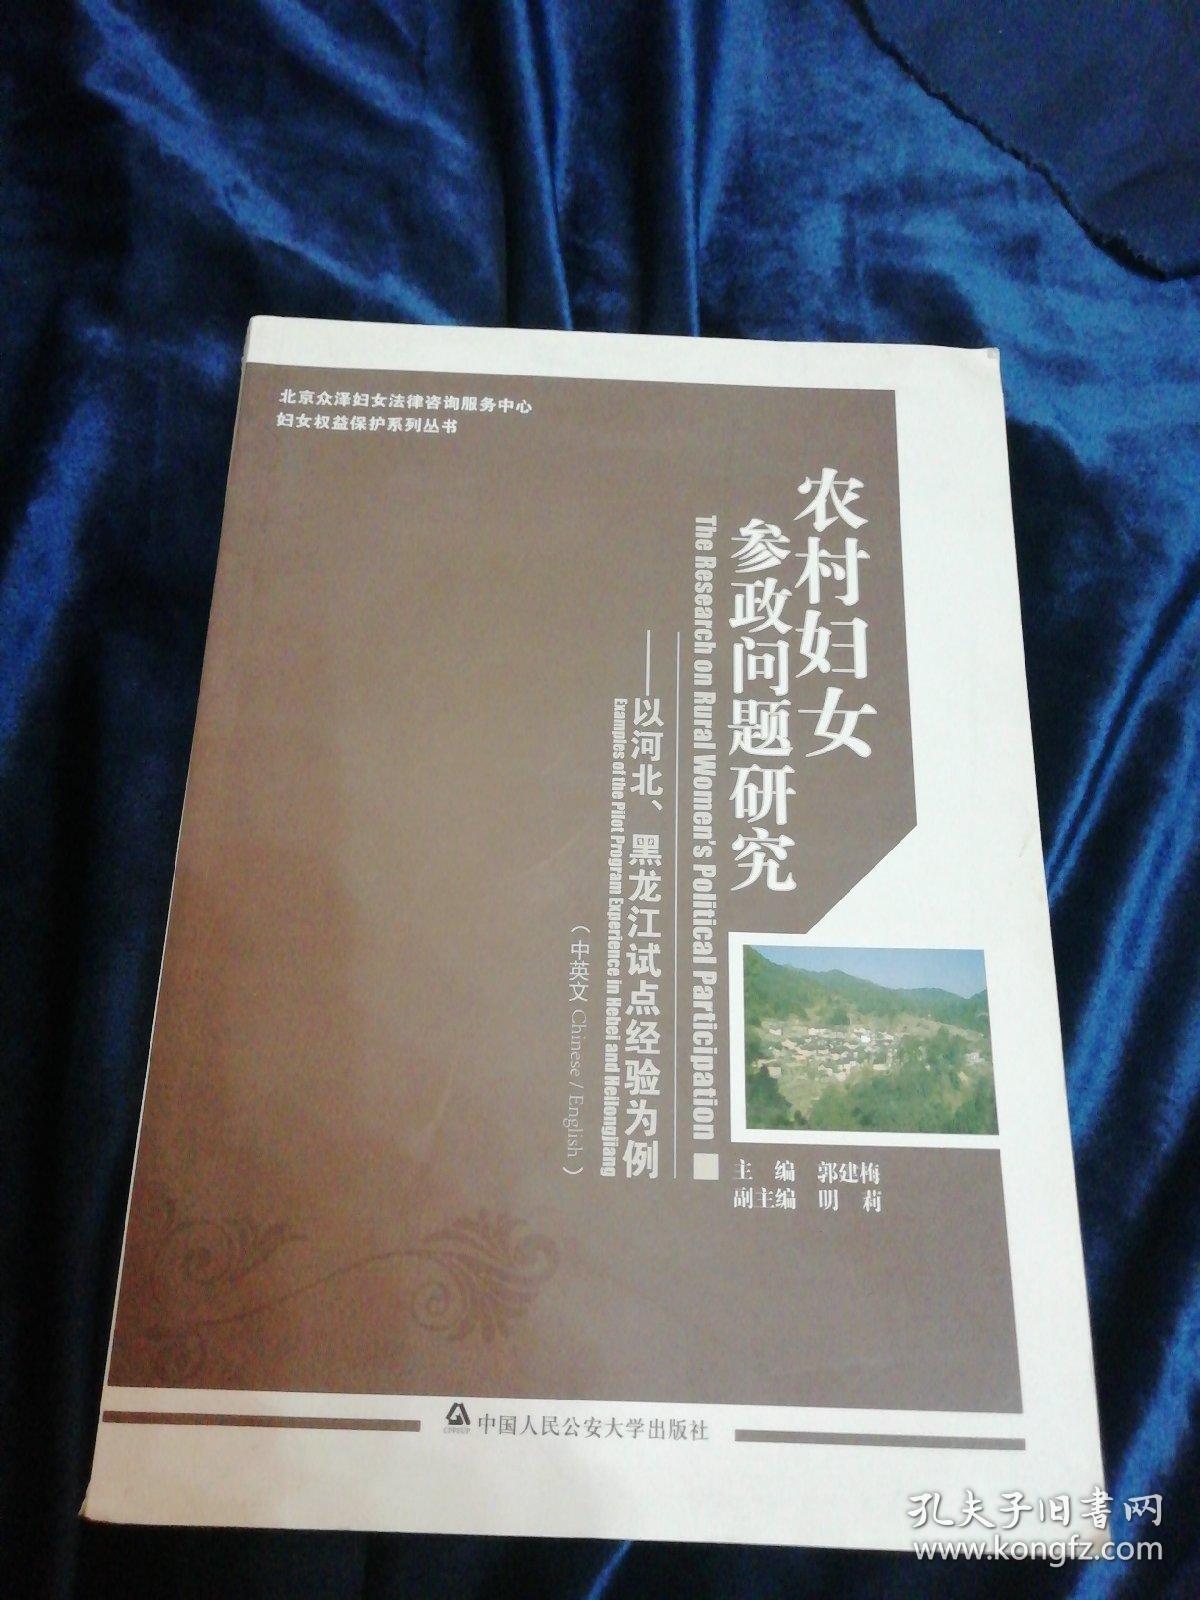 农村妇女参政问题研究 : 以河北、黑龙江试点经验为例 : Examples of the pilot program experience in Hebei and Heilongjiang